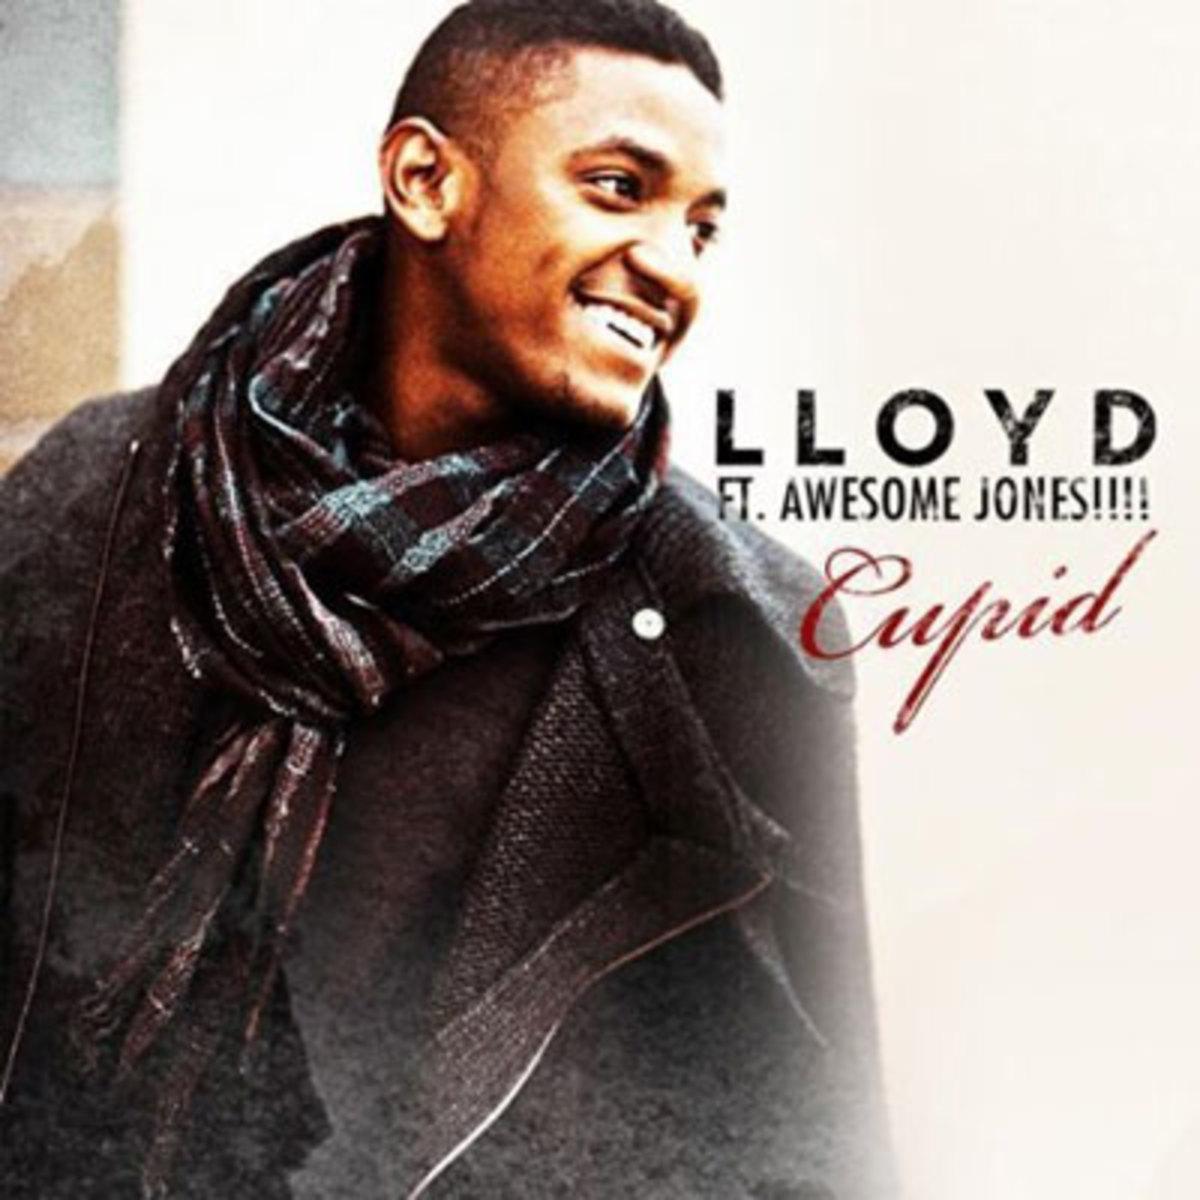 lloyd-cupid.jpg